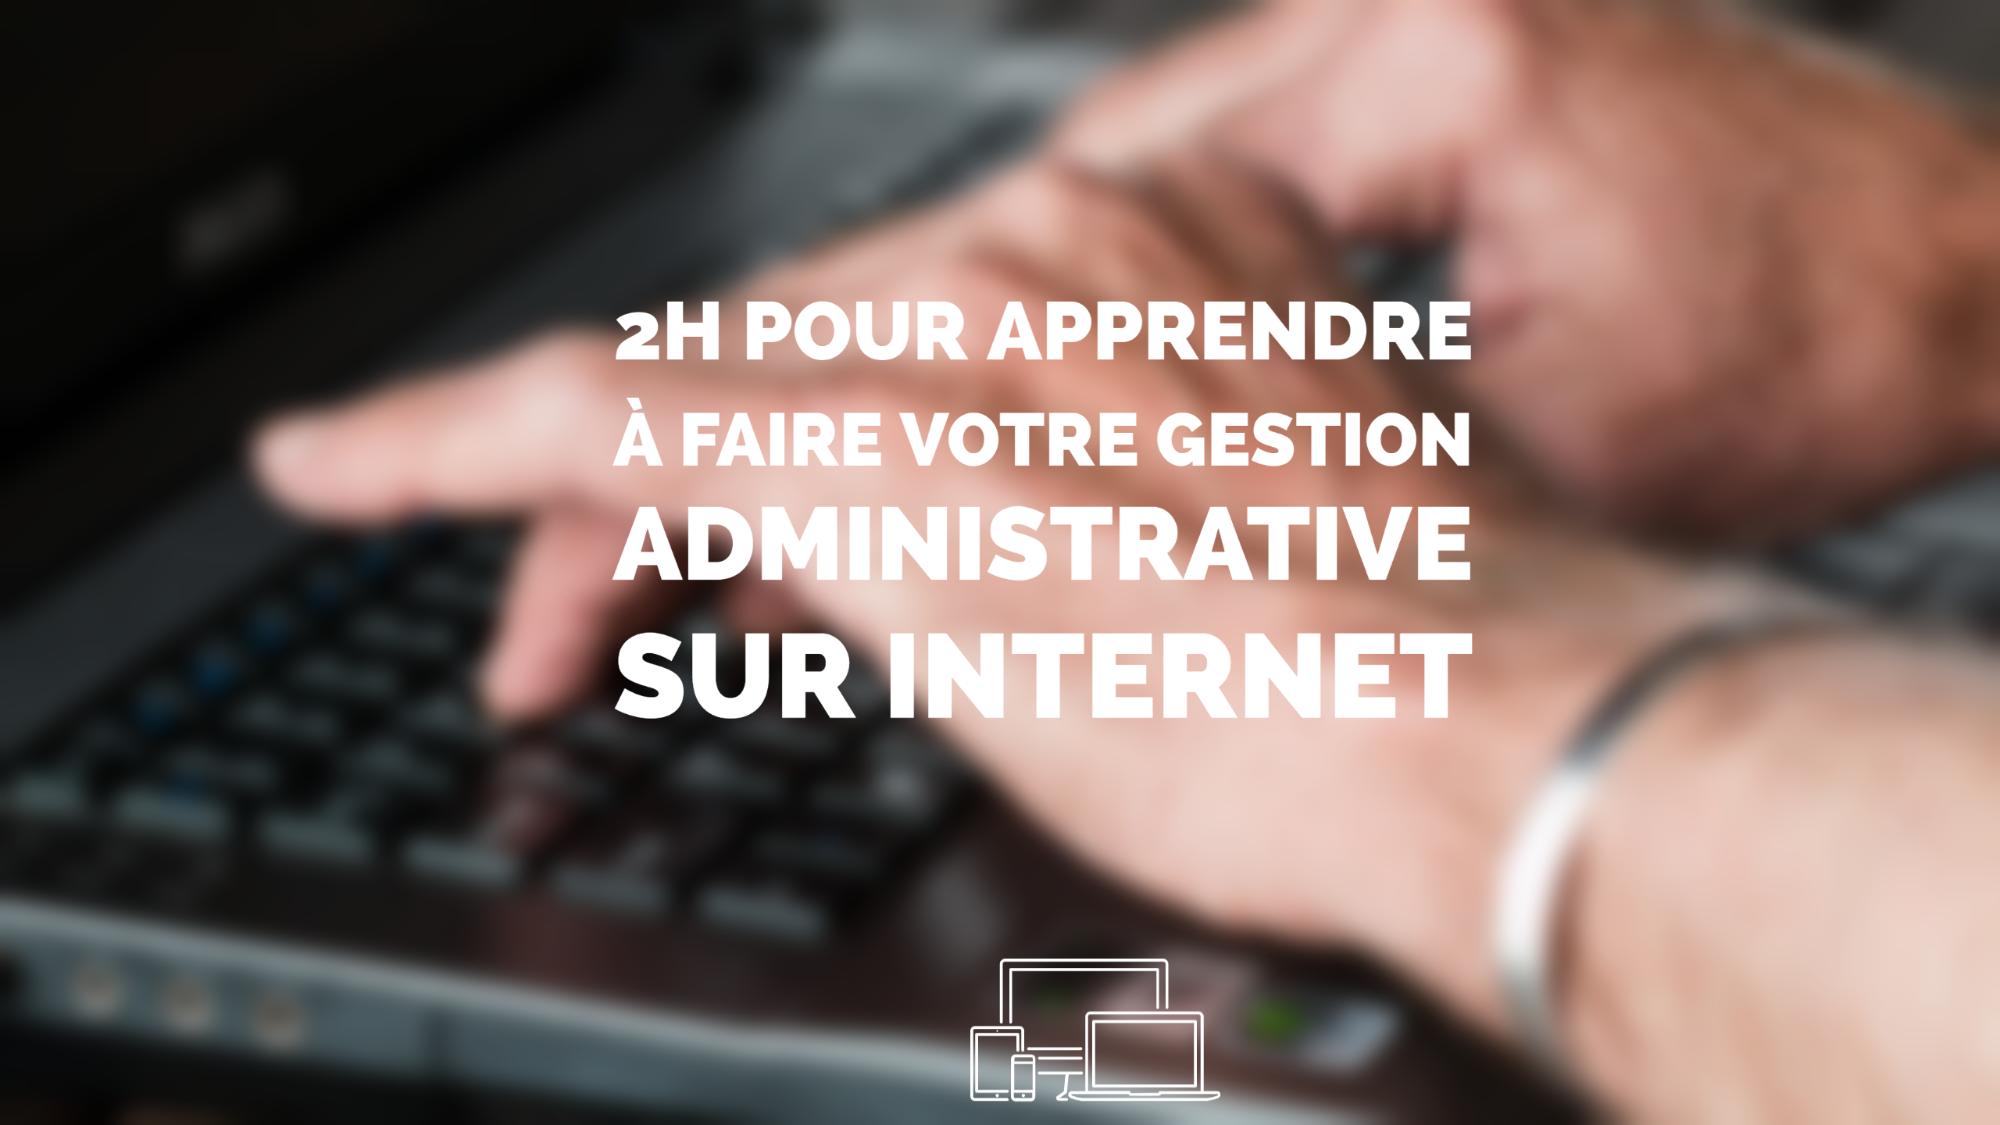 Représentation de la formation : 2h pour apprendre à faire votre gestion administrative sur internet